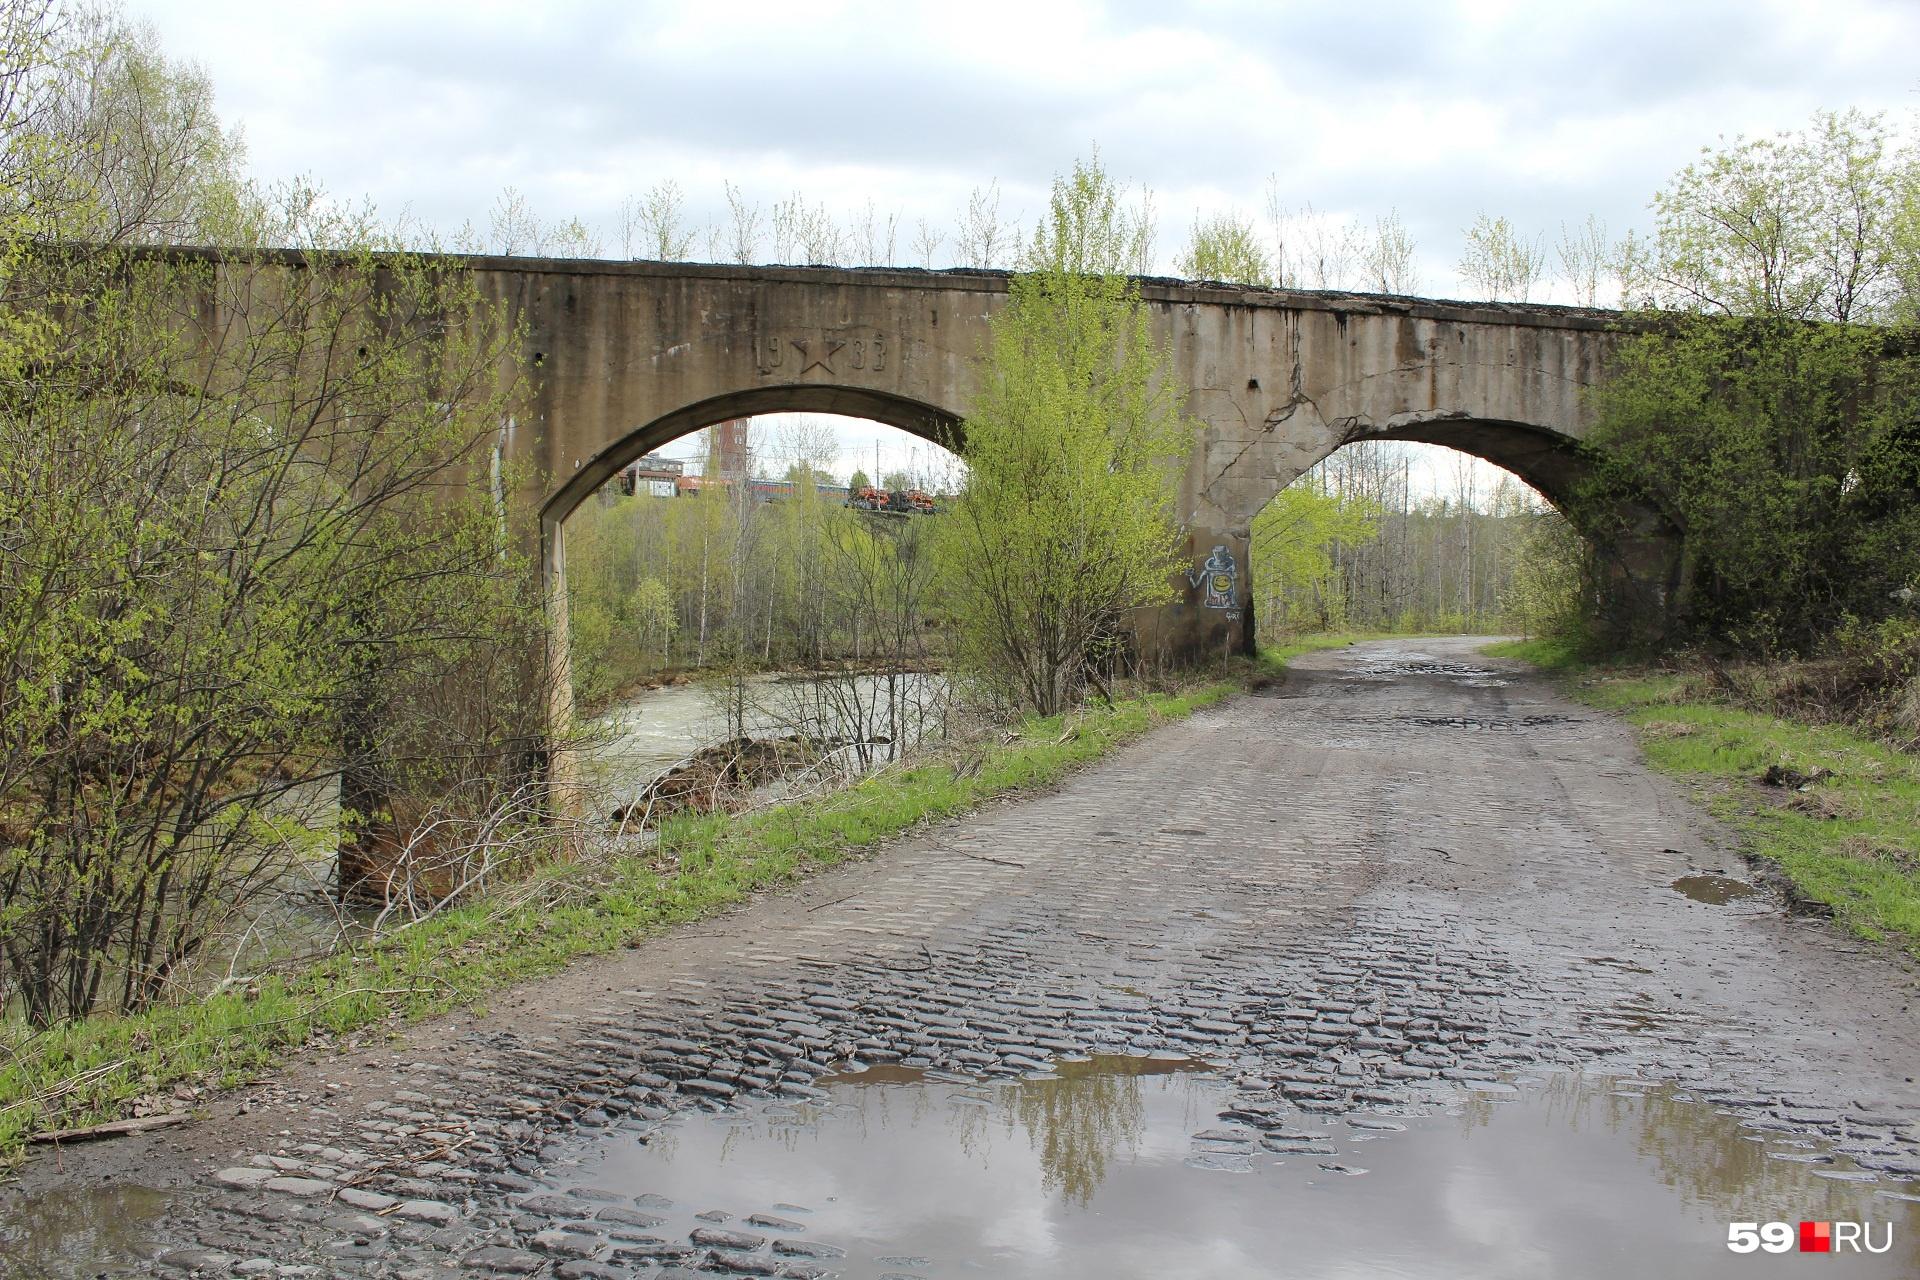 Мост 1933 года постройки. Выглядит надёжно. Узкий, похож на железнодорожный. Рельсов нет. Металл здесь не залёживается